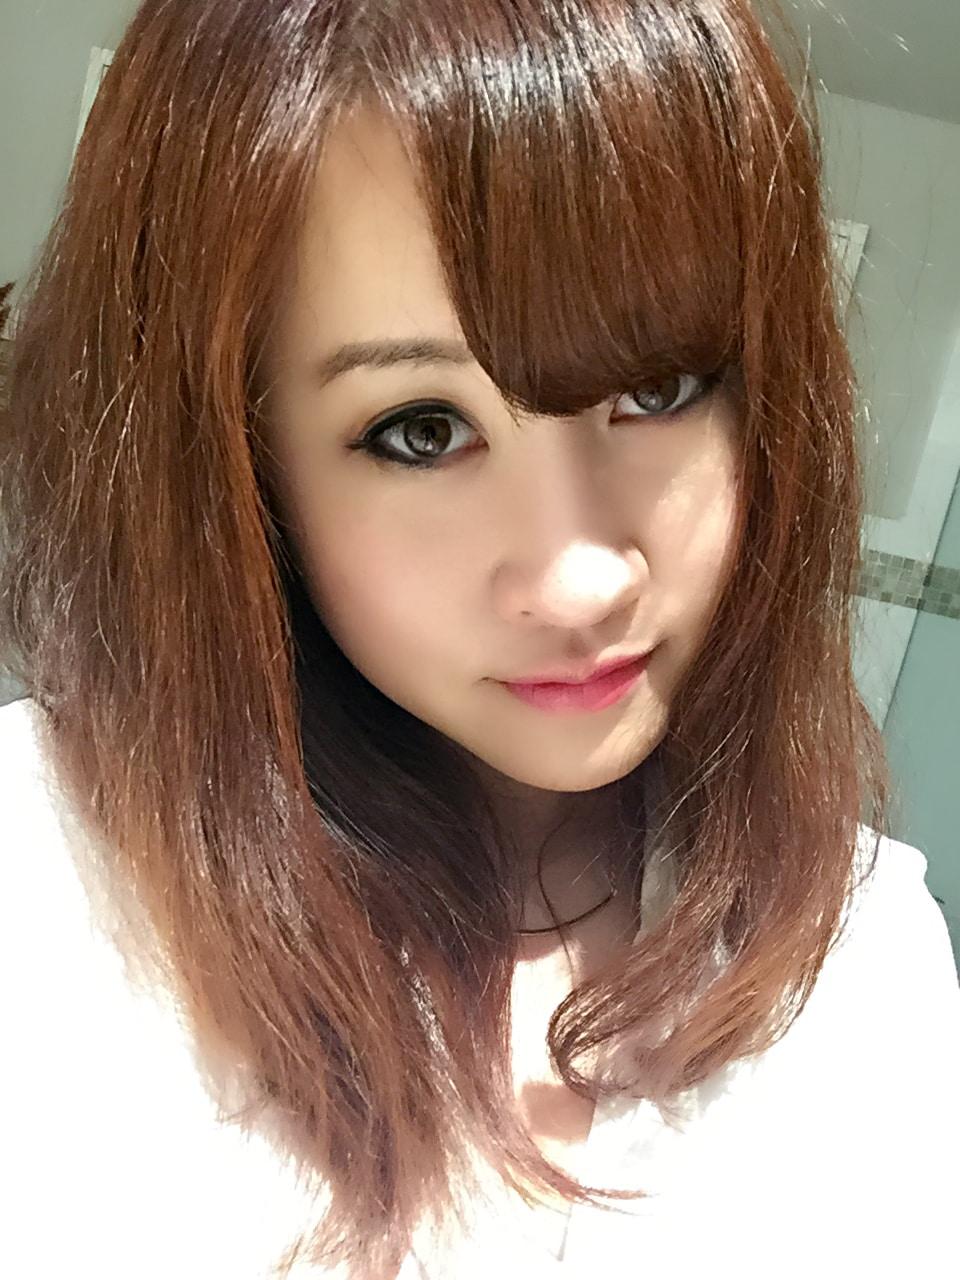 Sammi from Chino